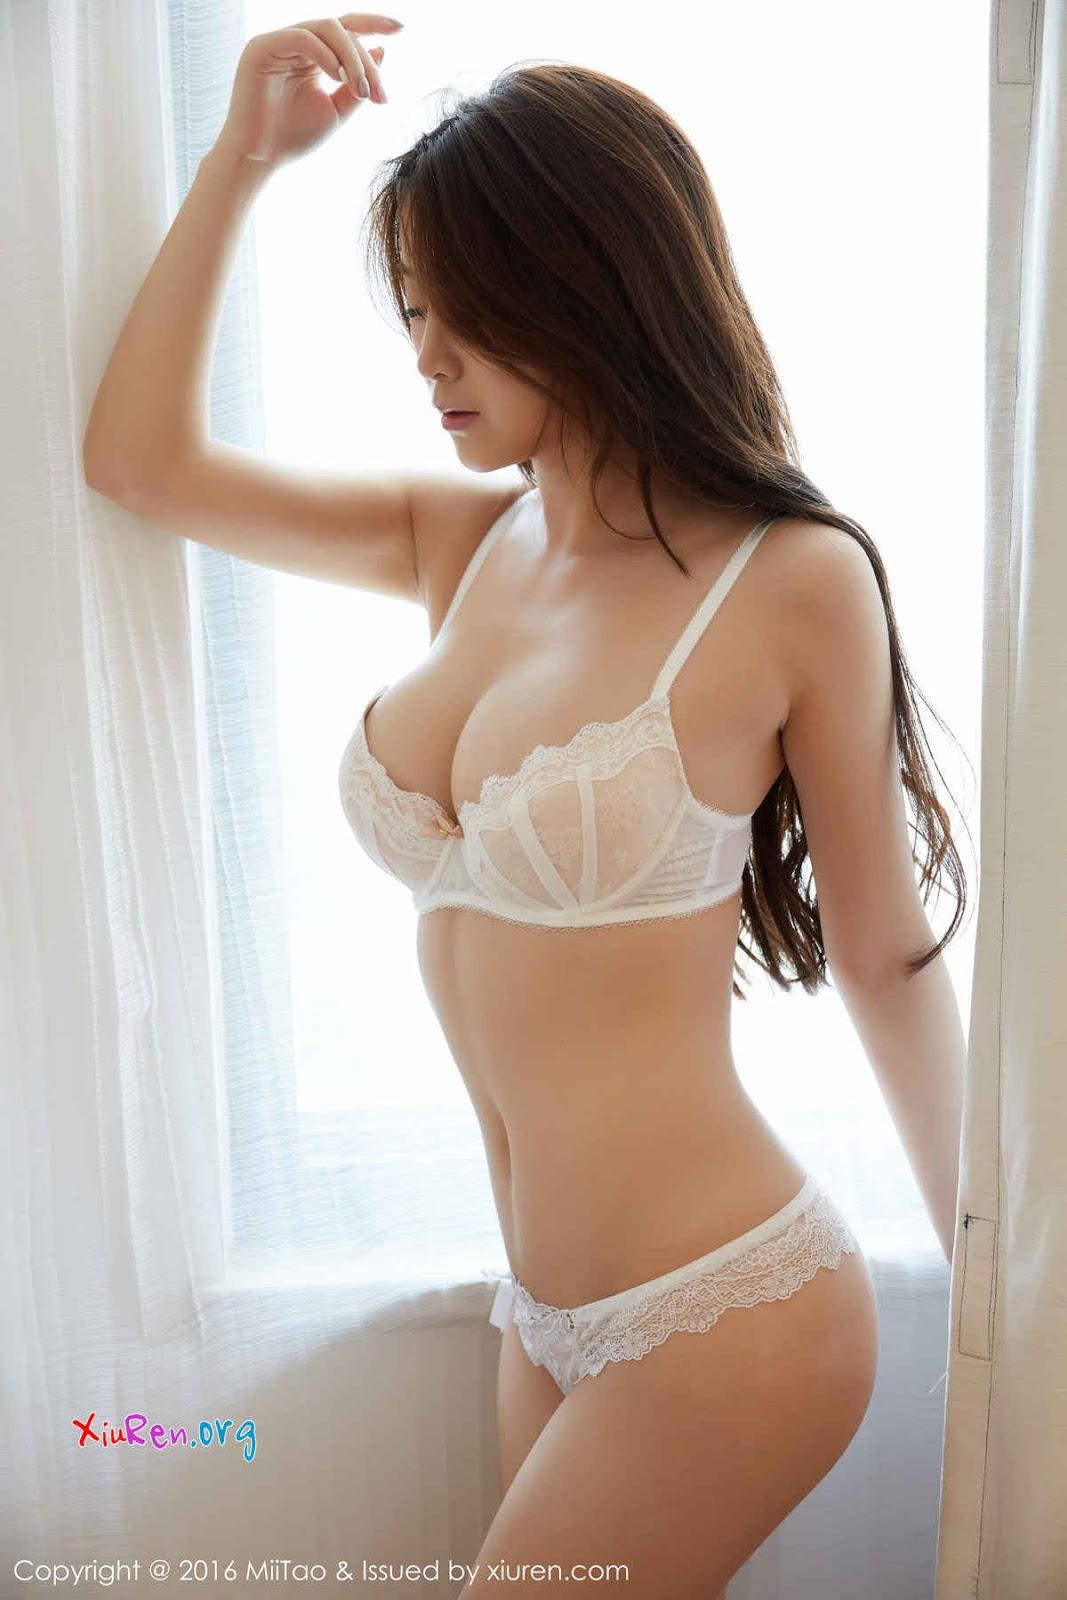 Gái xinh ngực khủng áo lót mỏng thế kia đỡ sao nổi